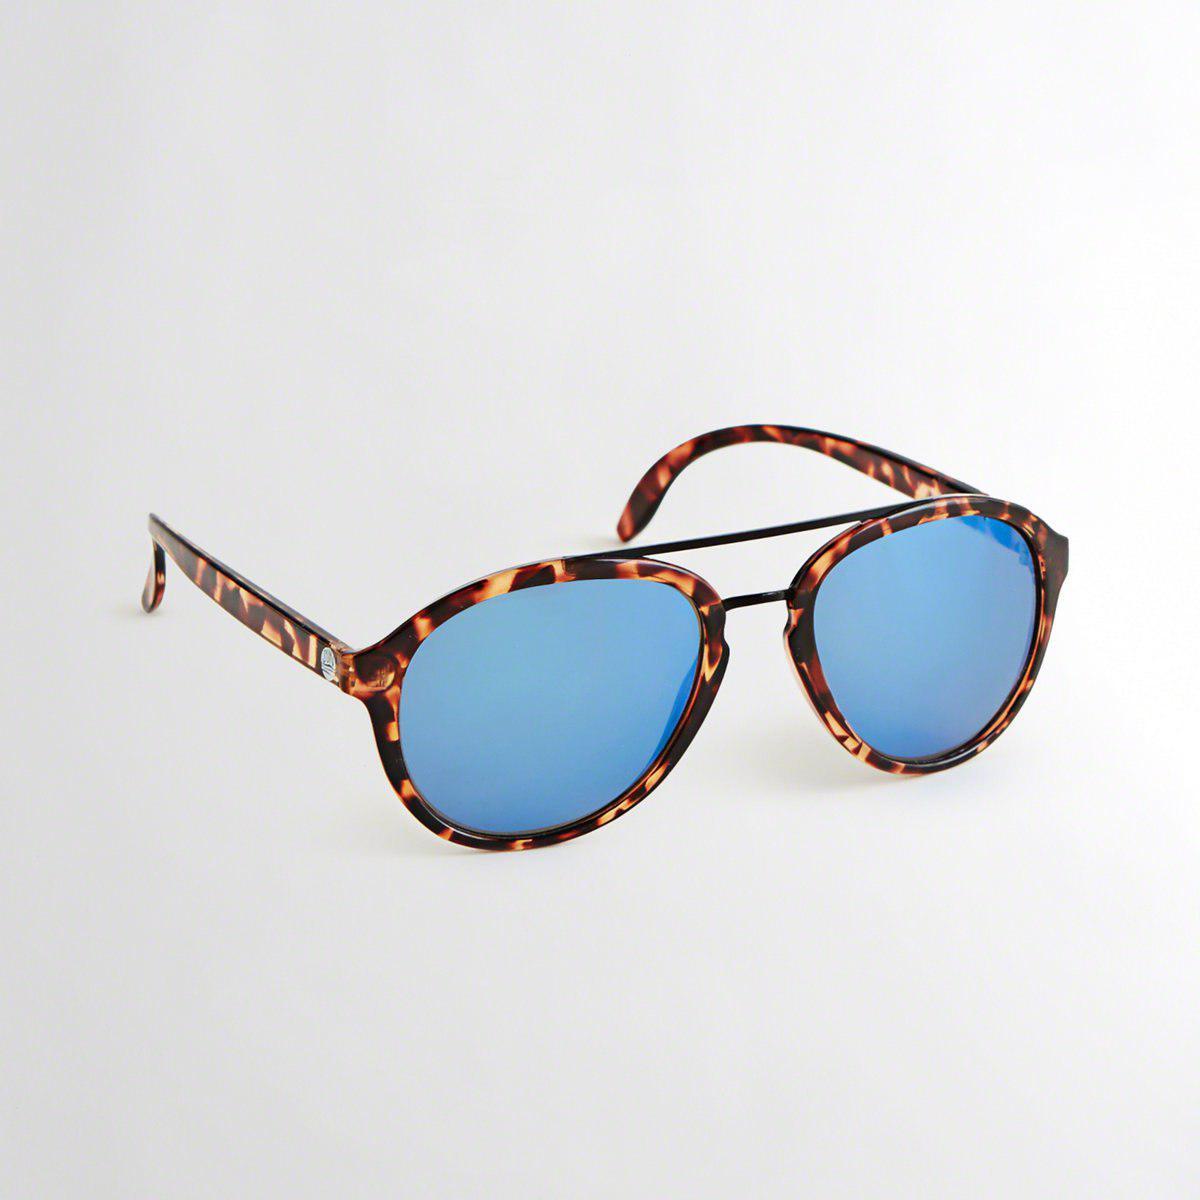 83b8495cf0 Lyst - Hollister Guys Sunski Plover Sunglasses From Hollister in ...